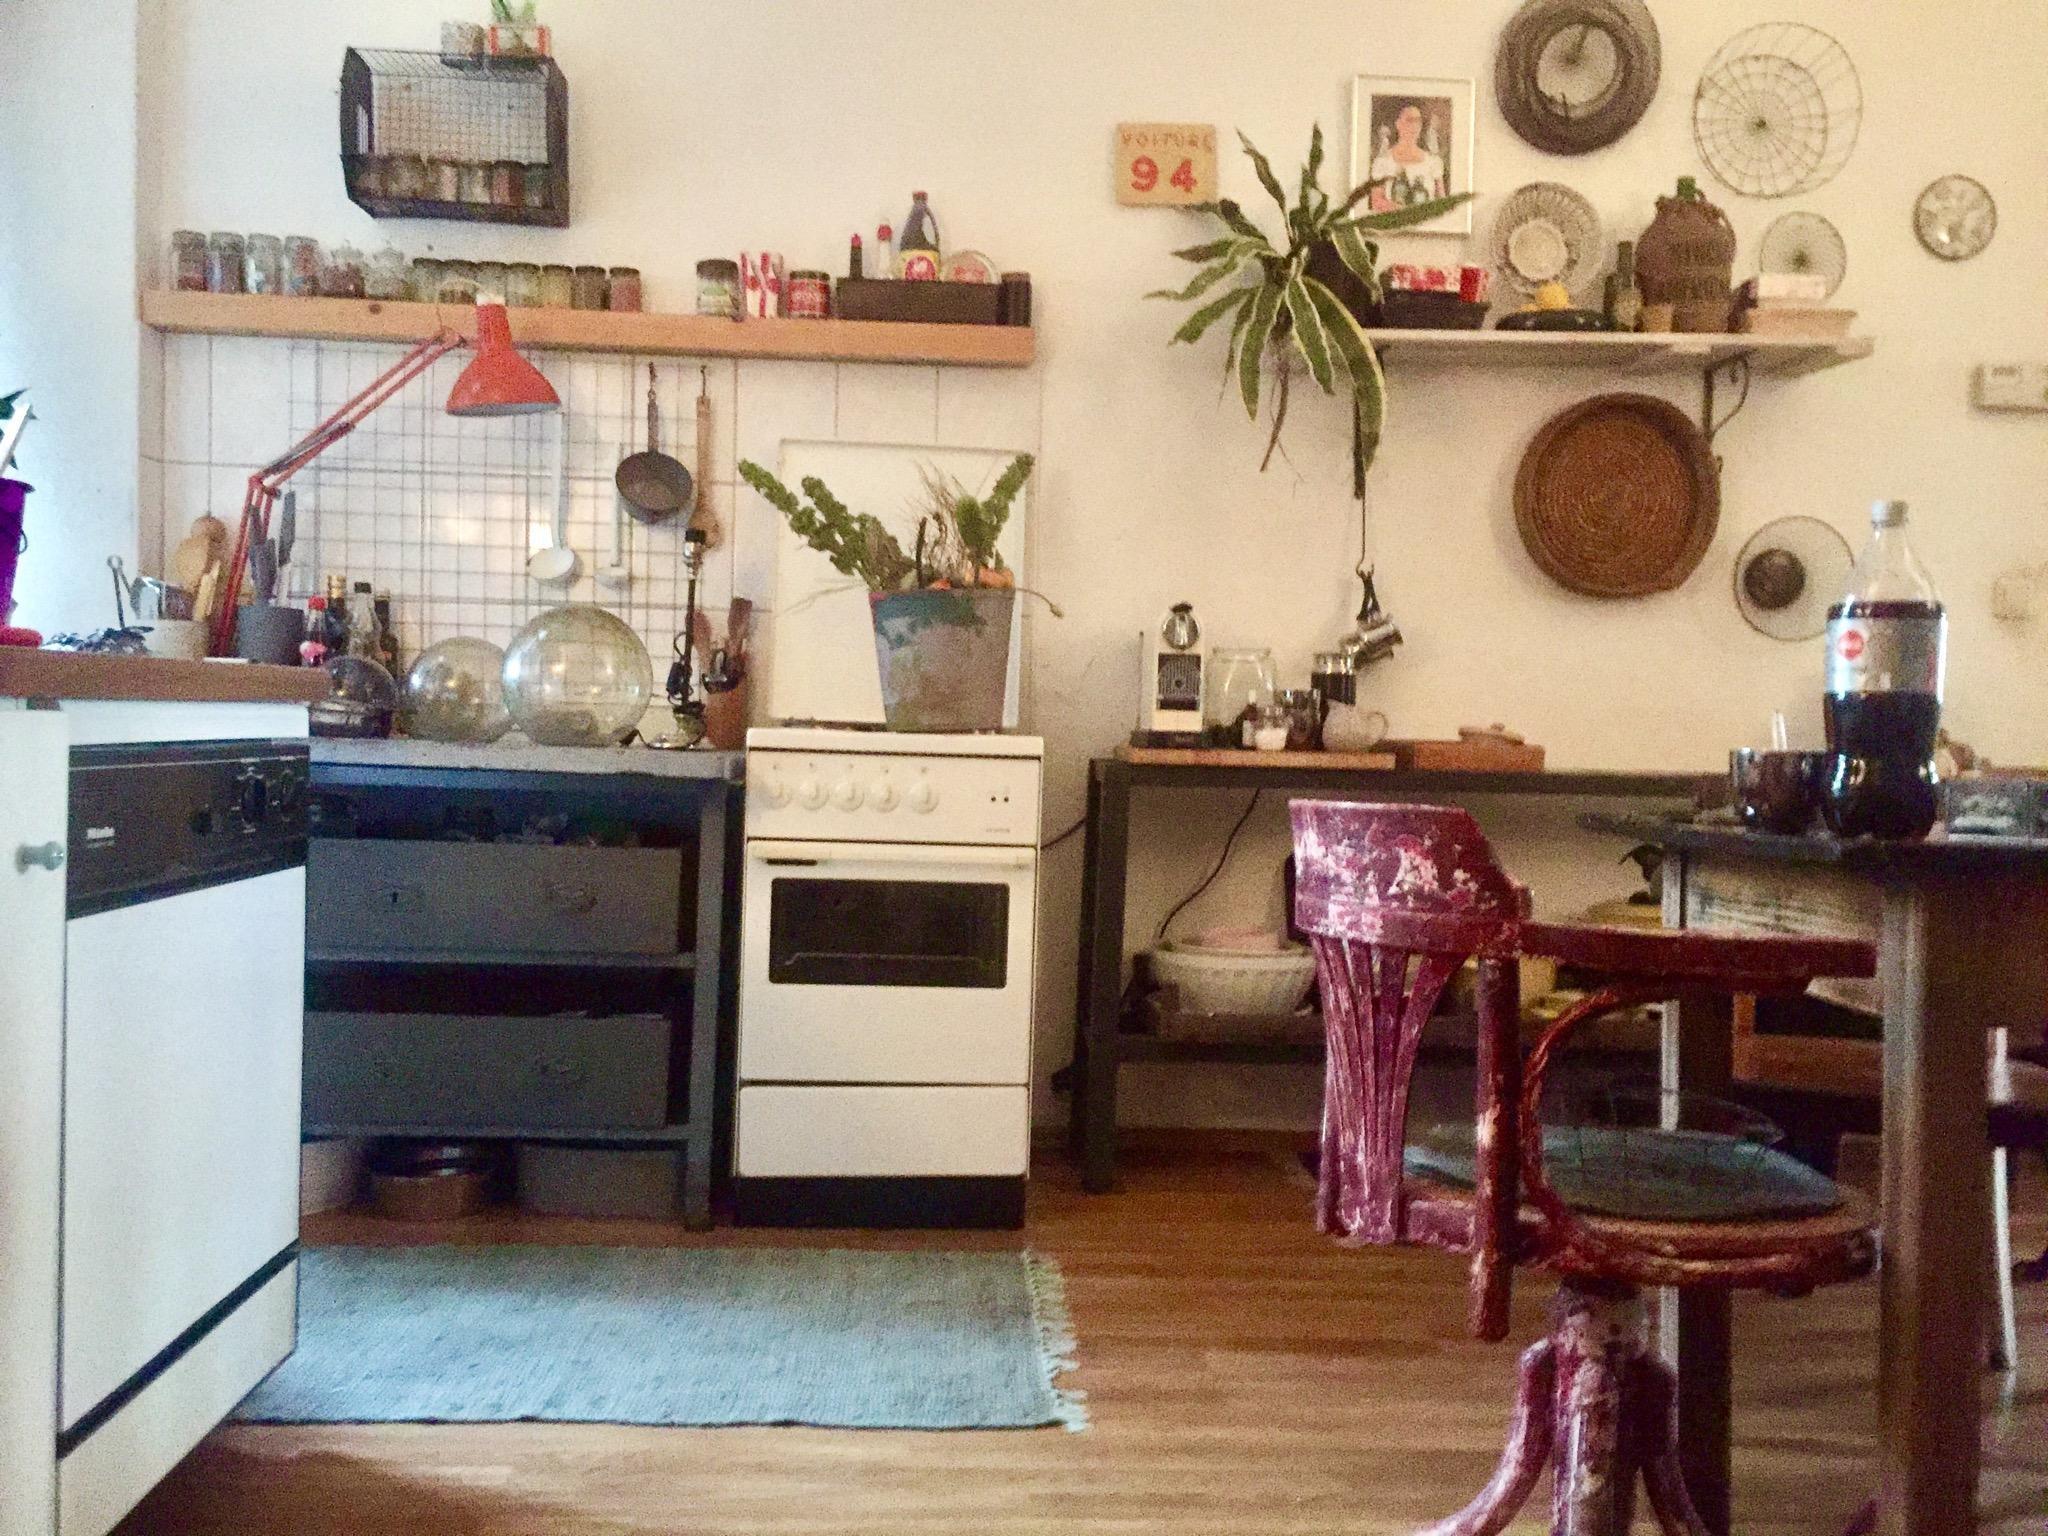 Schön Küche Vintage Foto Von Trial KÜche Mit Besonderen #details #couchlieb #küchenidee